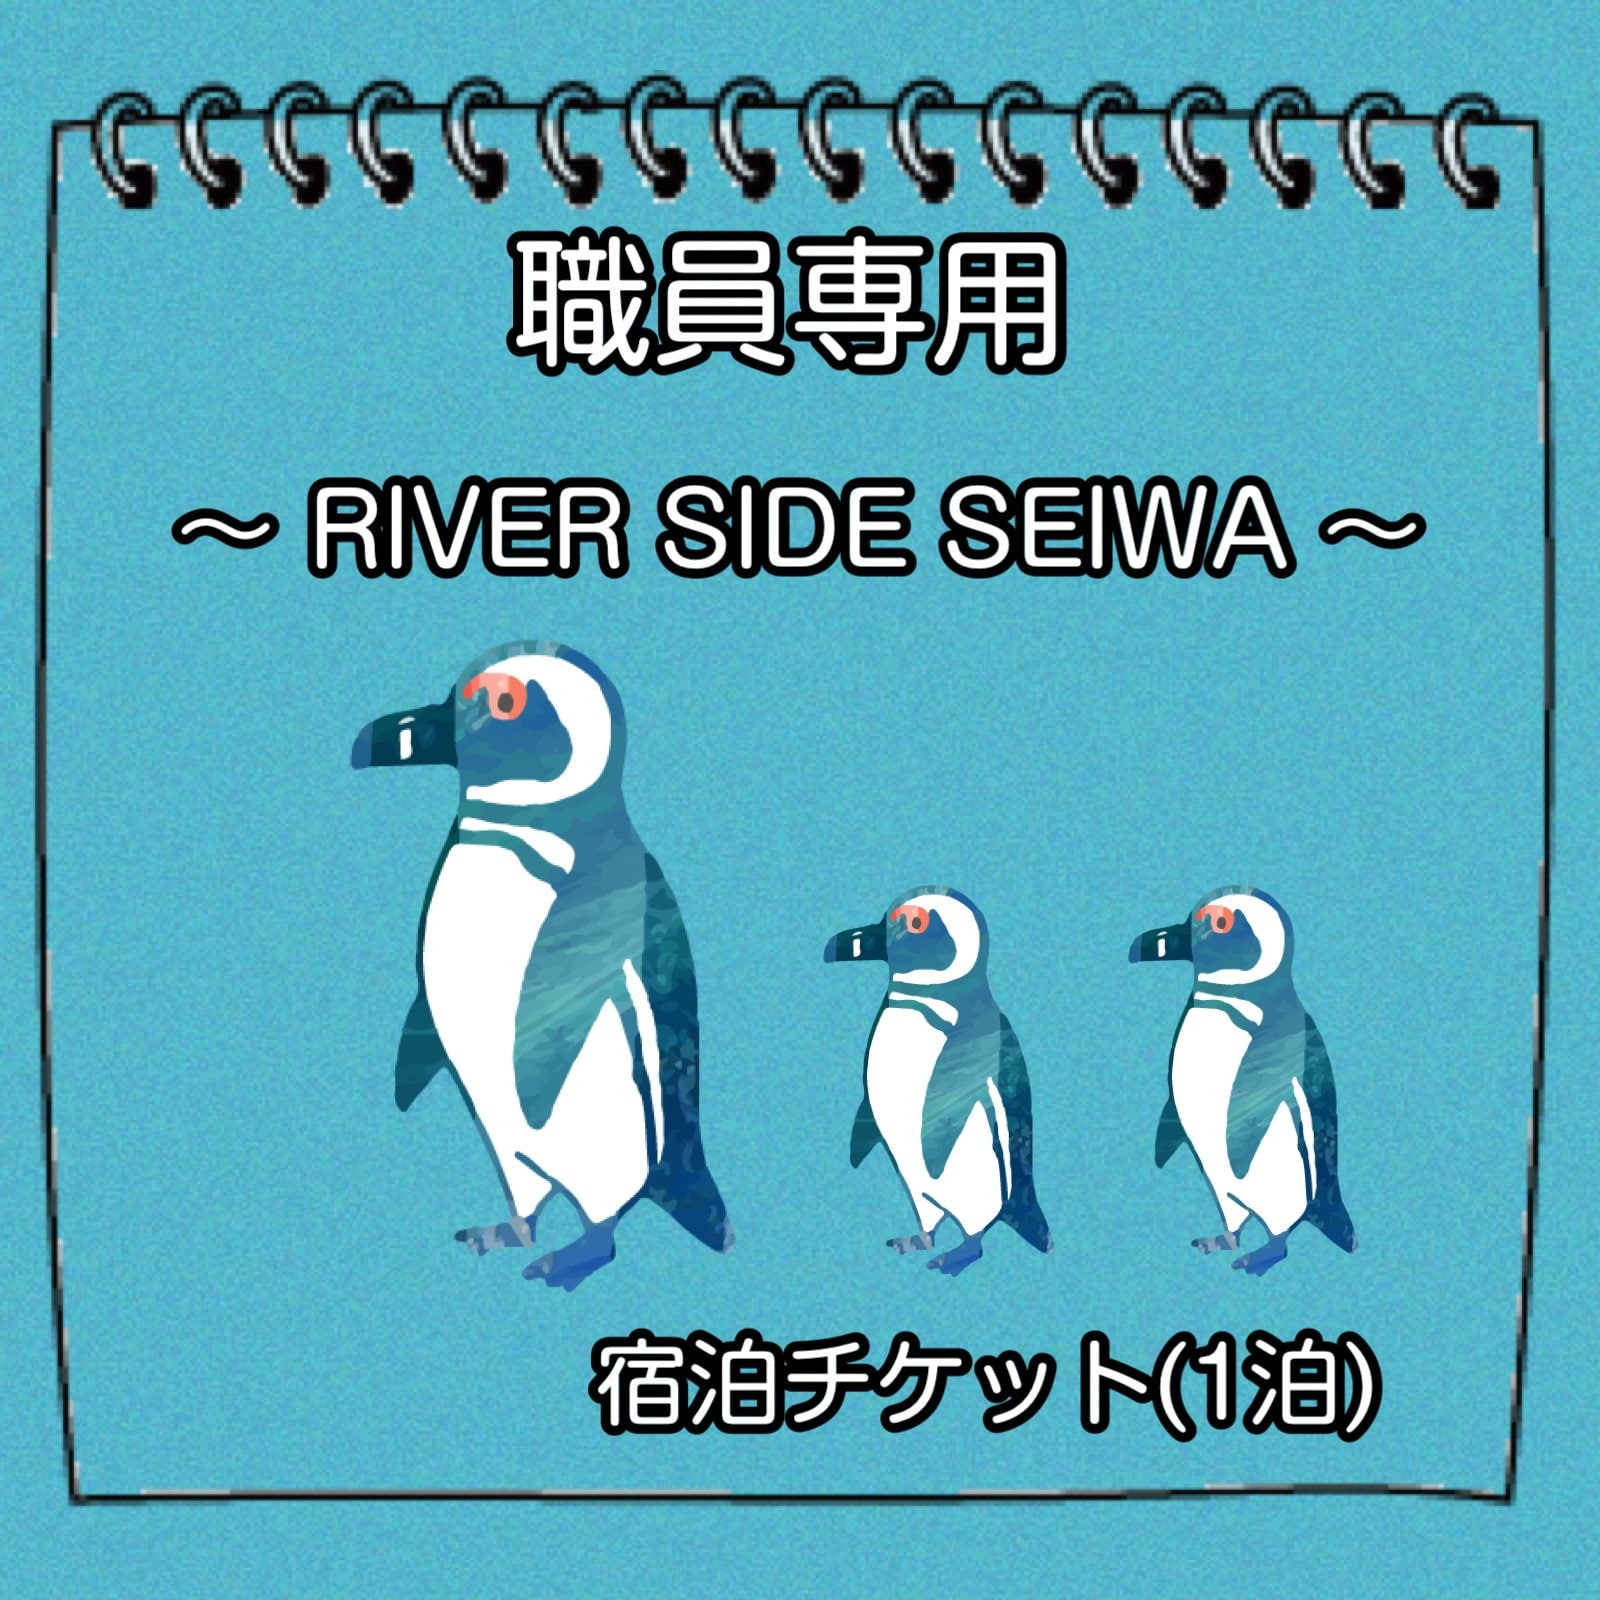 【職員専用】RIVER SIDE SEIWA 宿泊チケット(1泊)のイメージその1